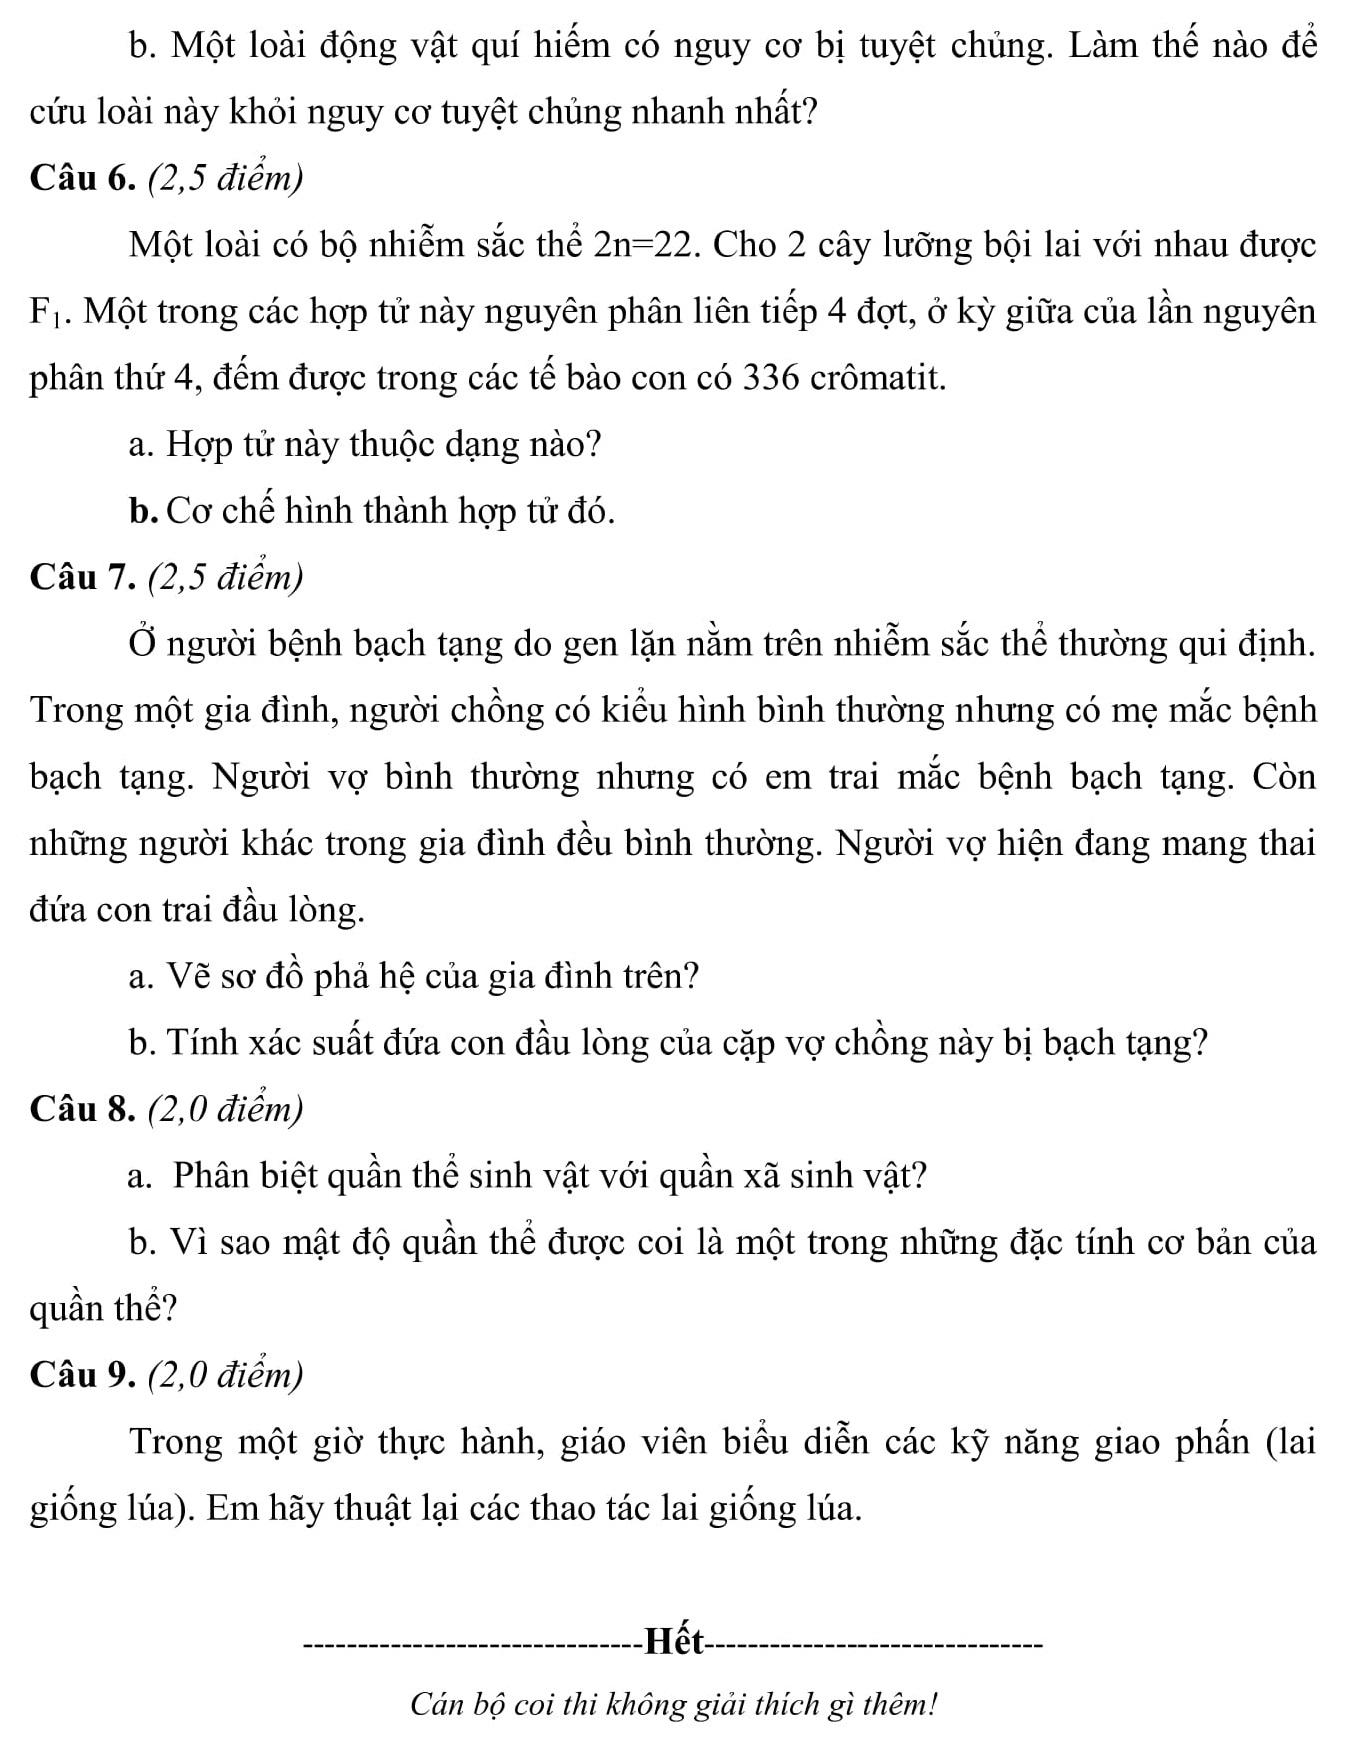 Đáp án và đề thi HSG Sinh Học 9 phòng GD&ĐT Bắc Giang 2012-2013